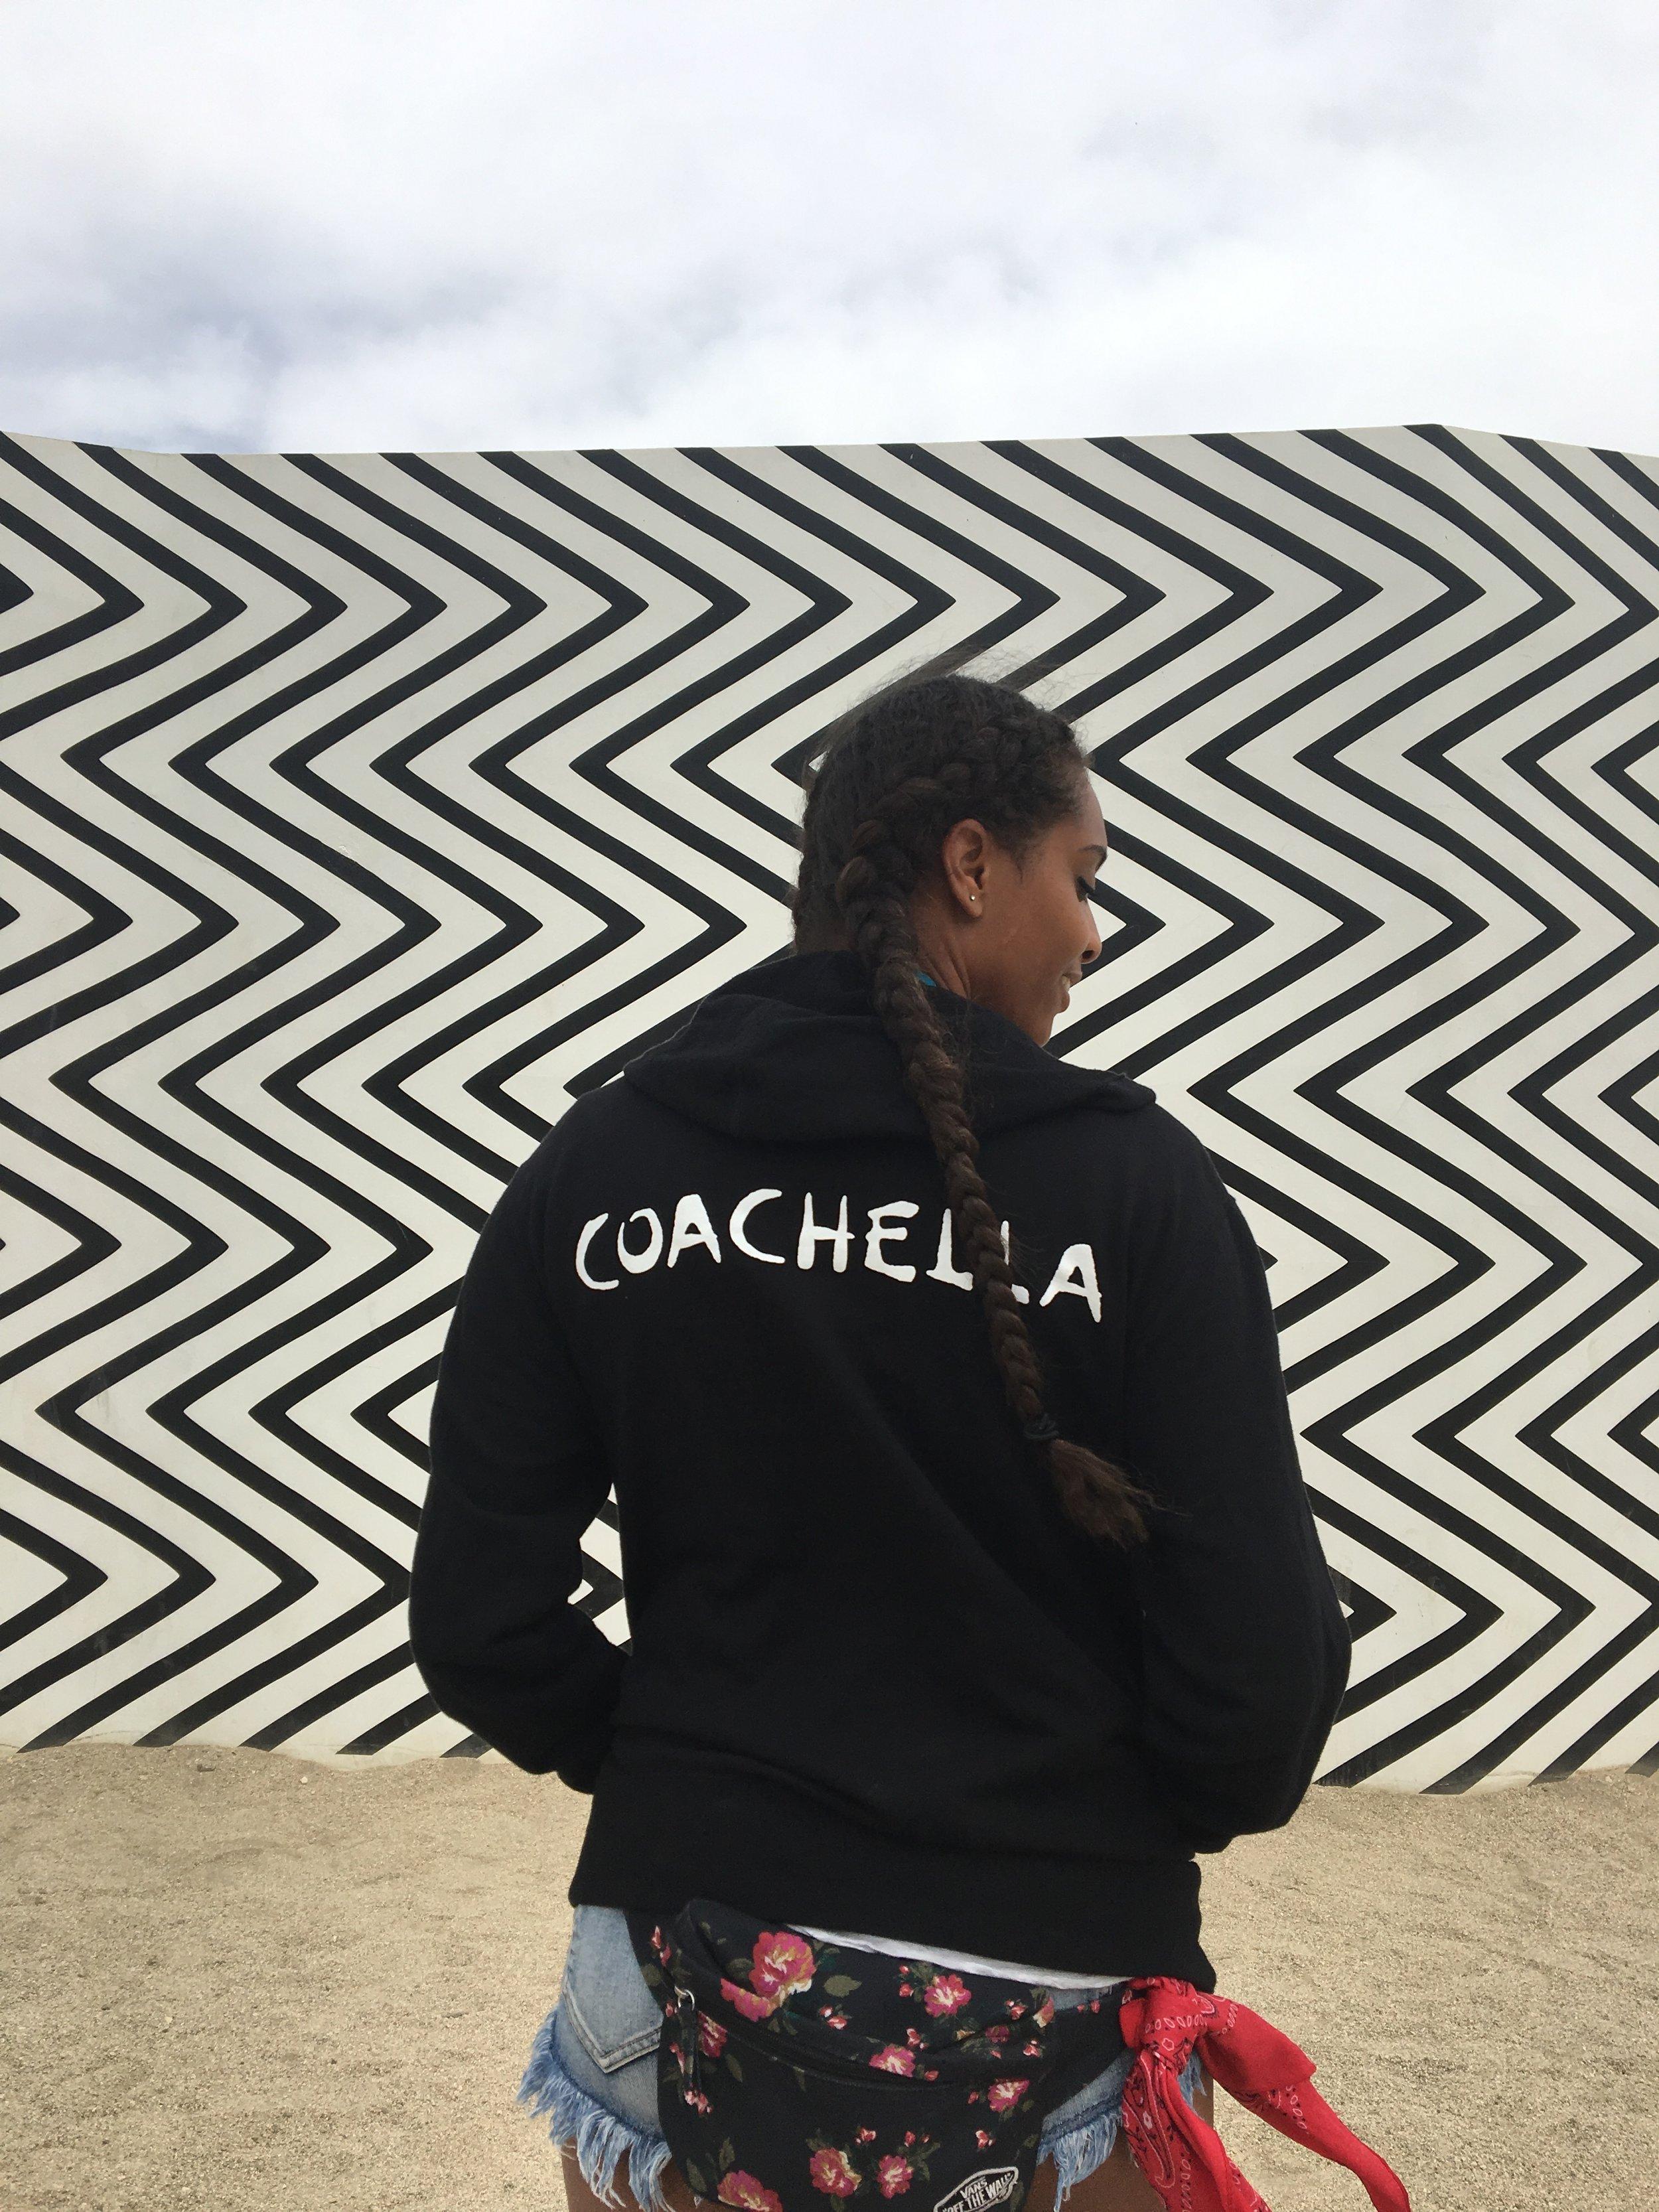 Jobs by Joce Coachella